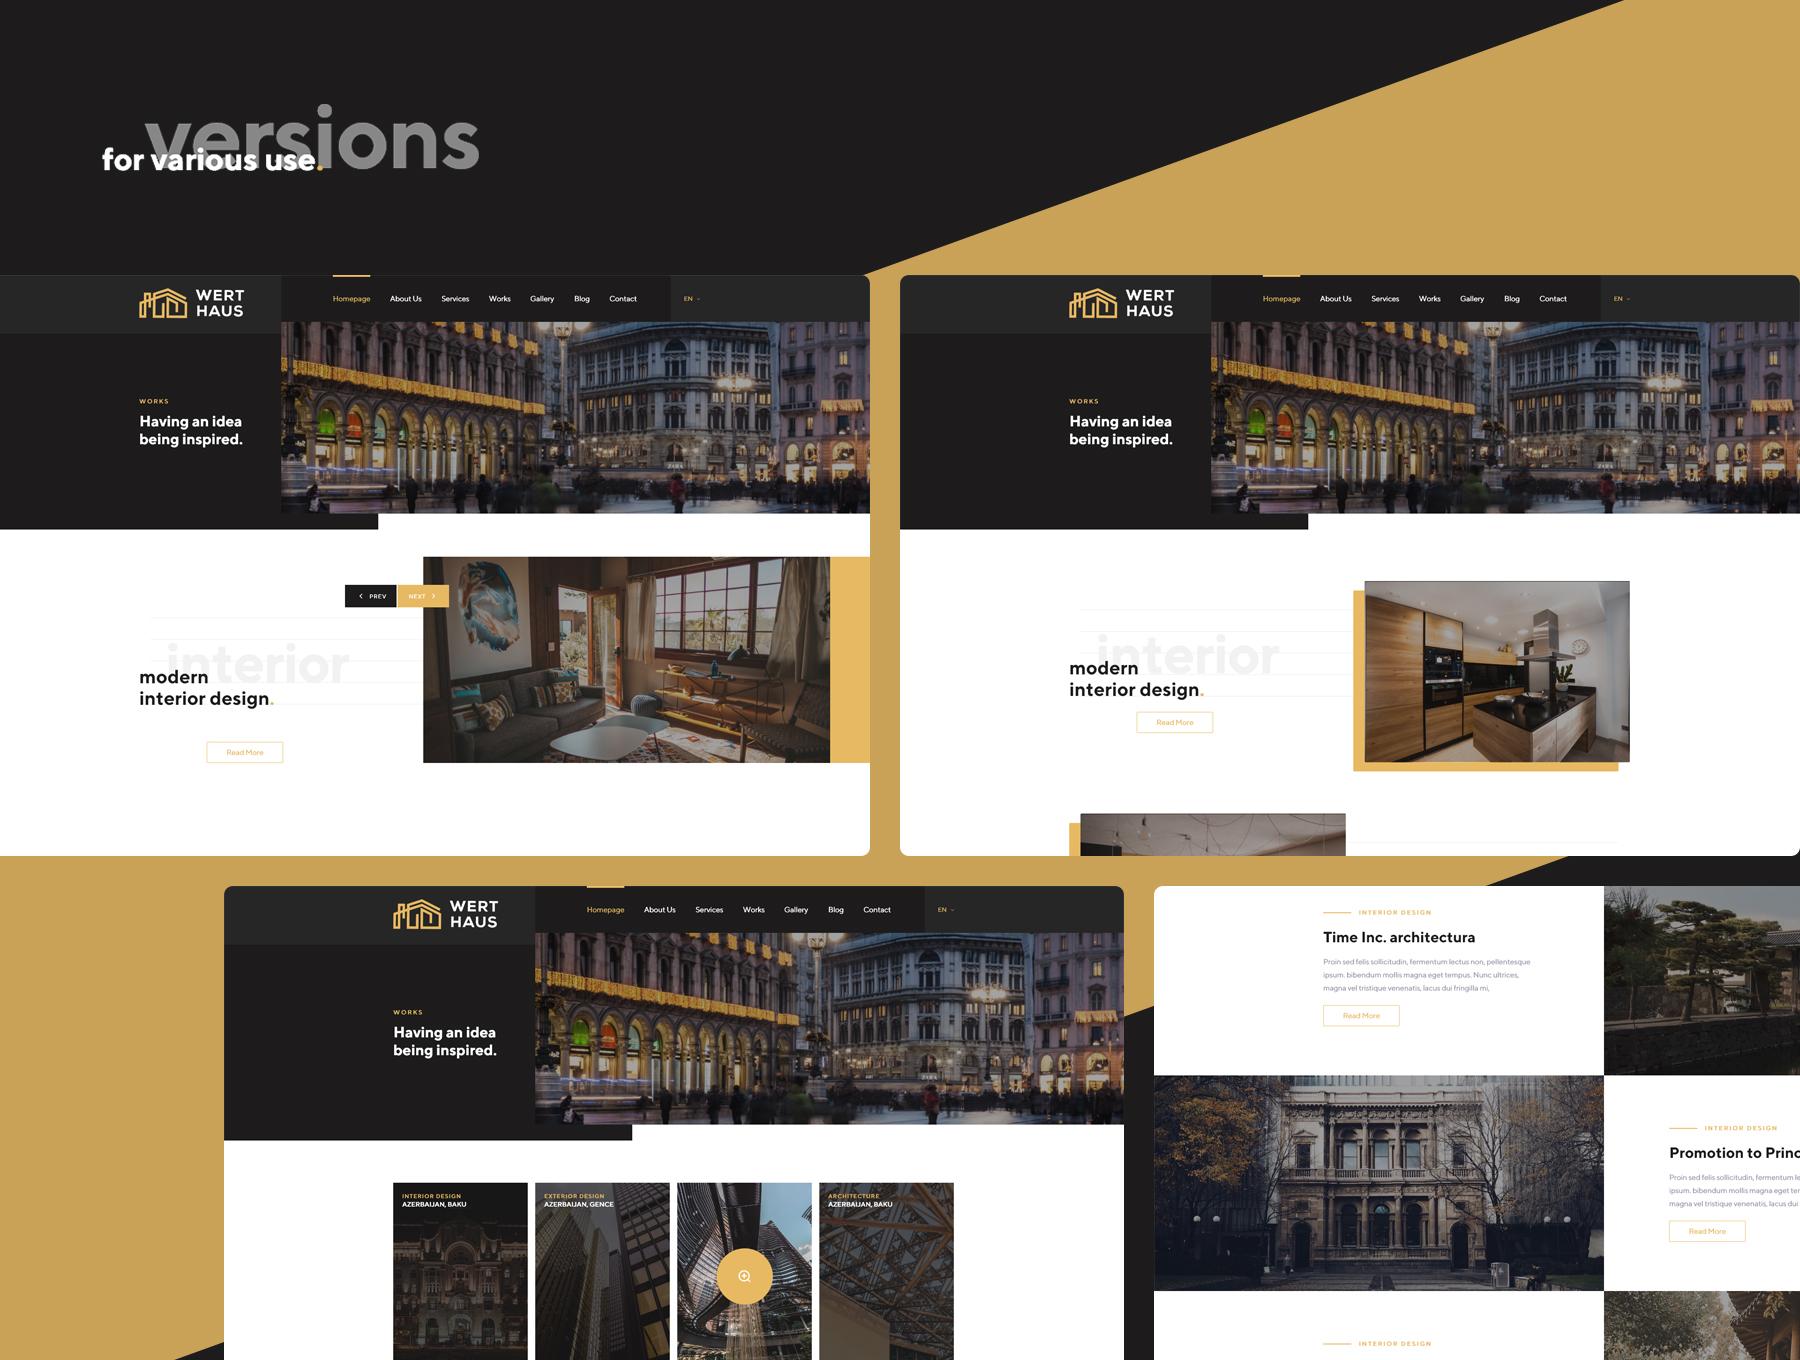 时尚简约建筑室内设计师电脑手机网站UI工具包  Werthaus Architecture UI Kit插图(3)